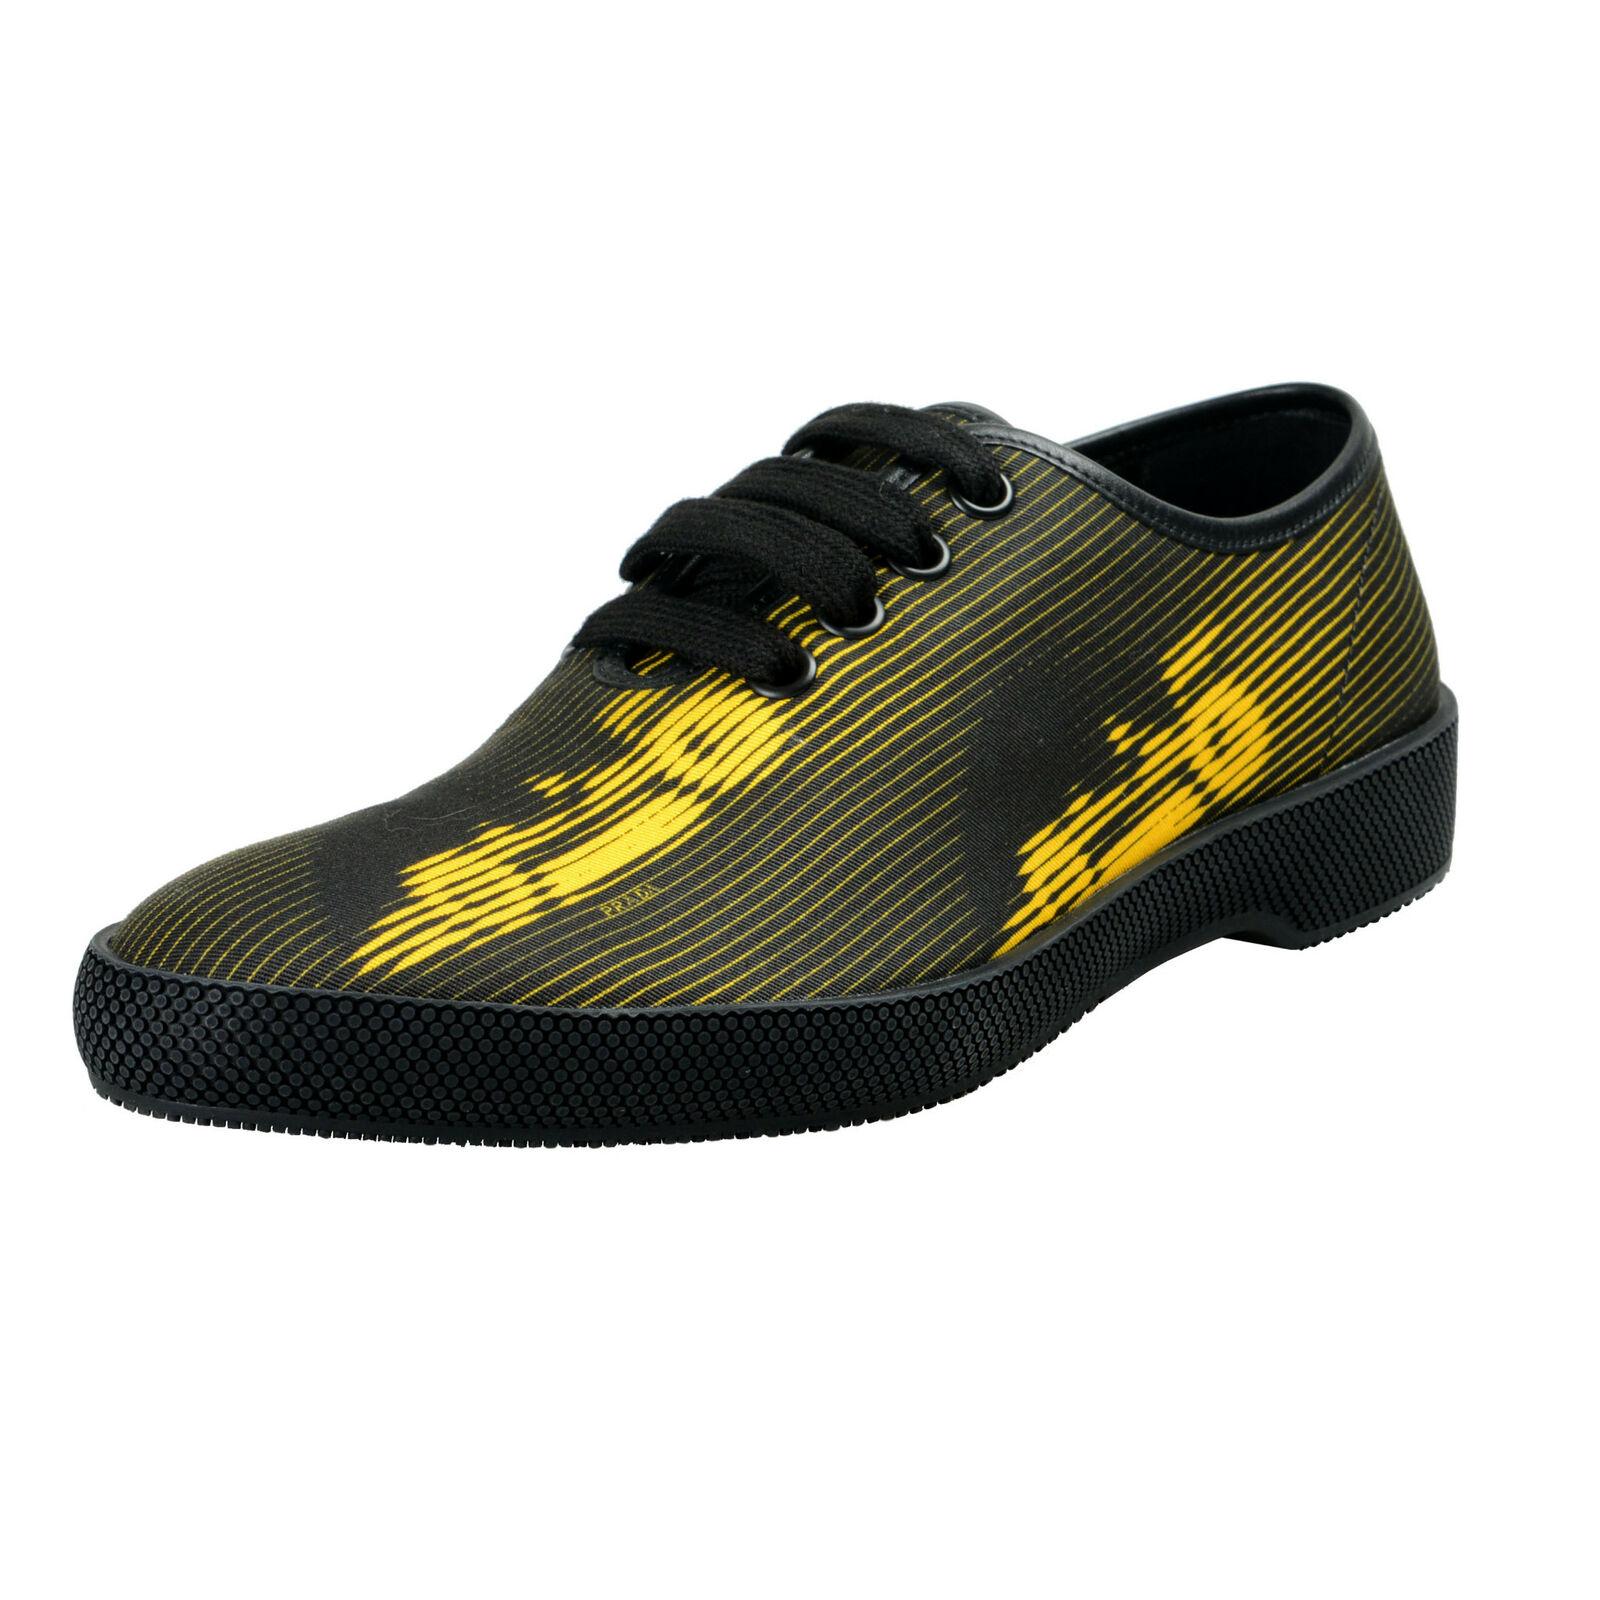 Prada Homme Cuir & Toile Baskets Tendance Chaussures 8.5